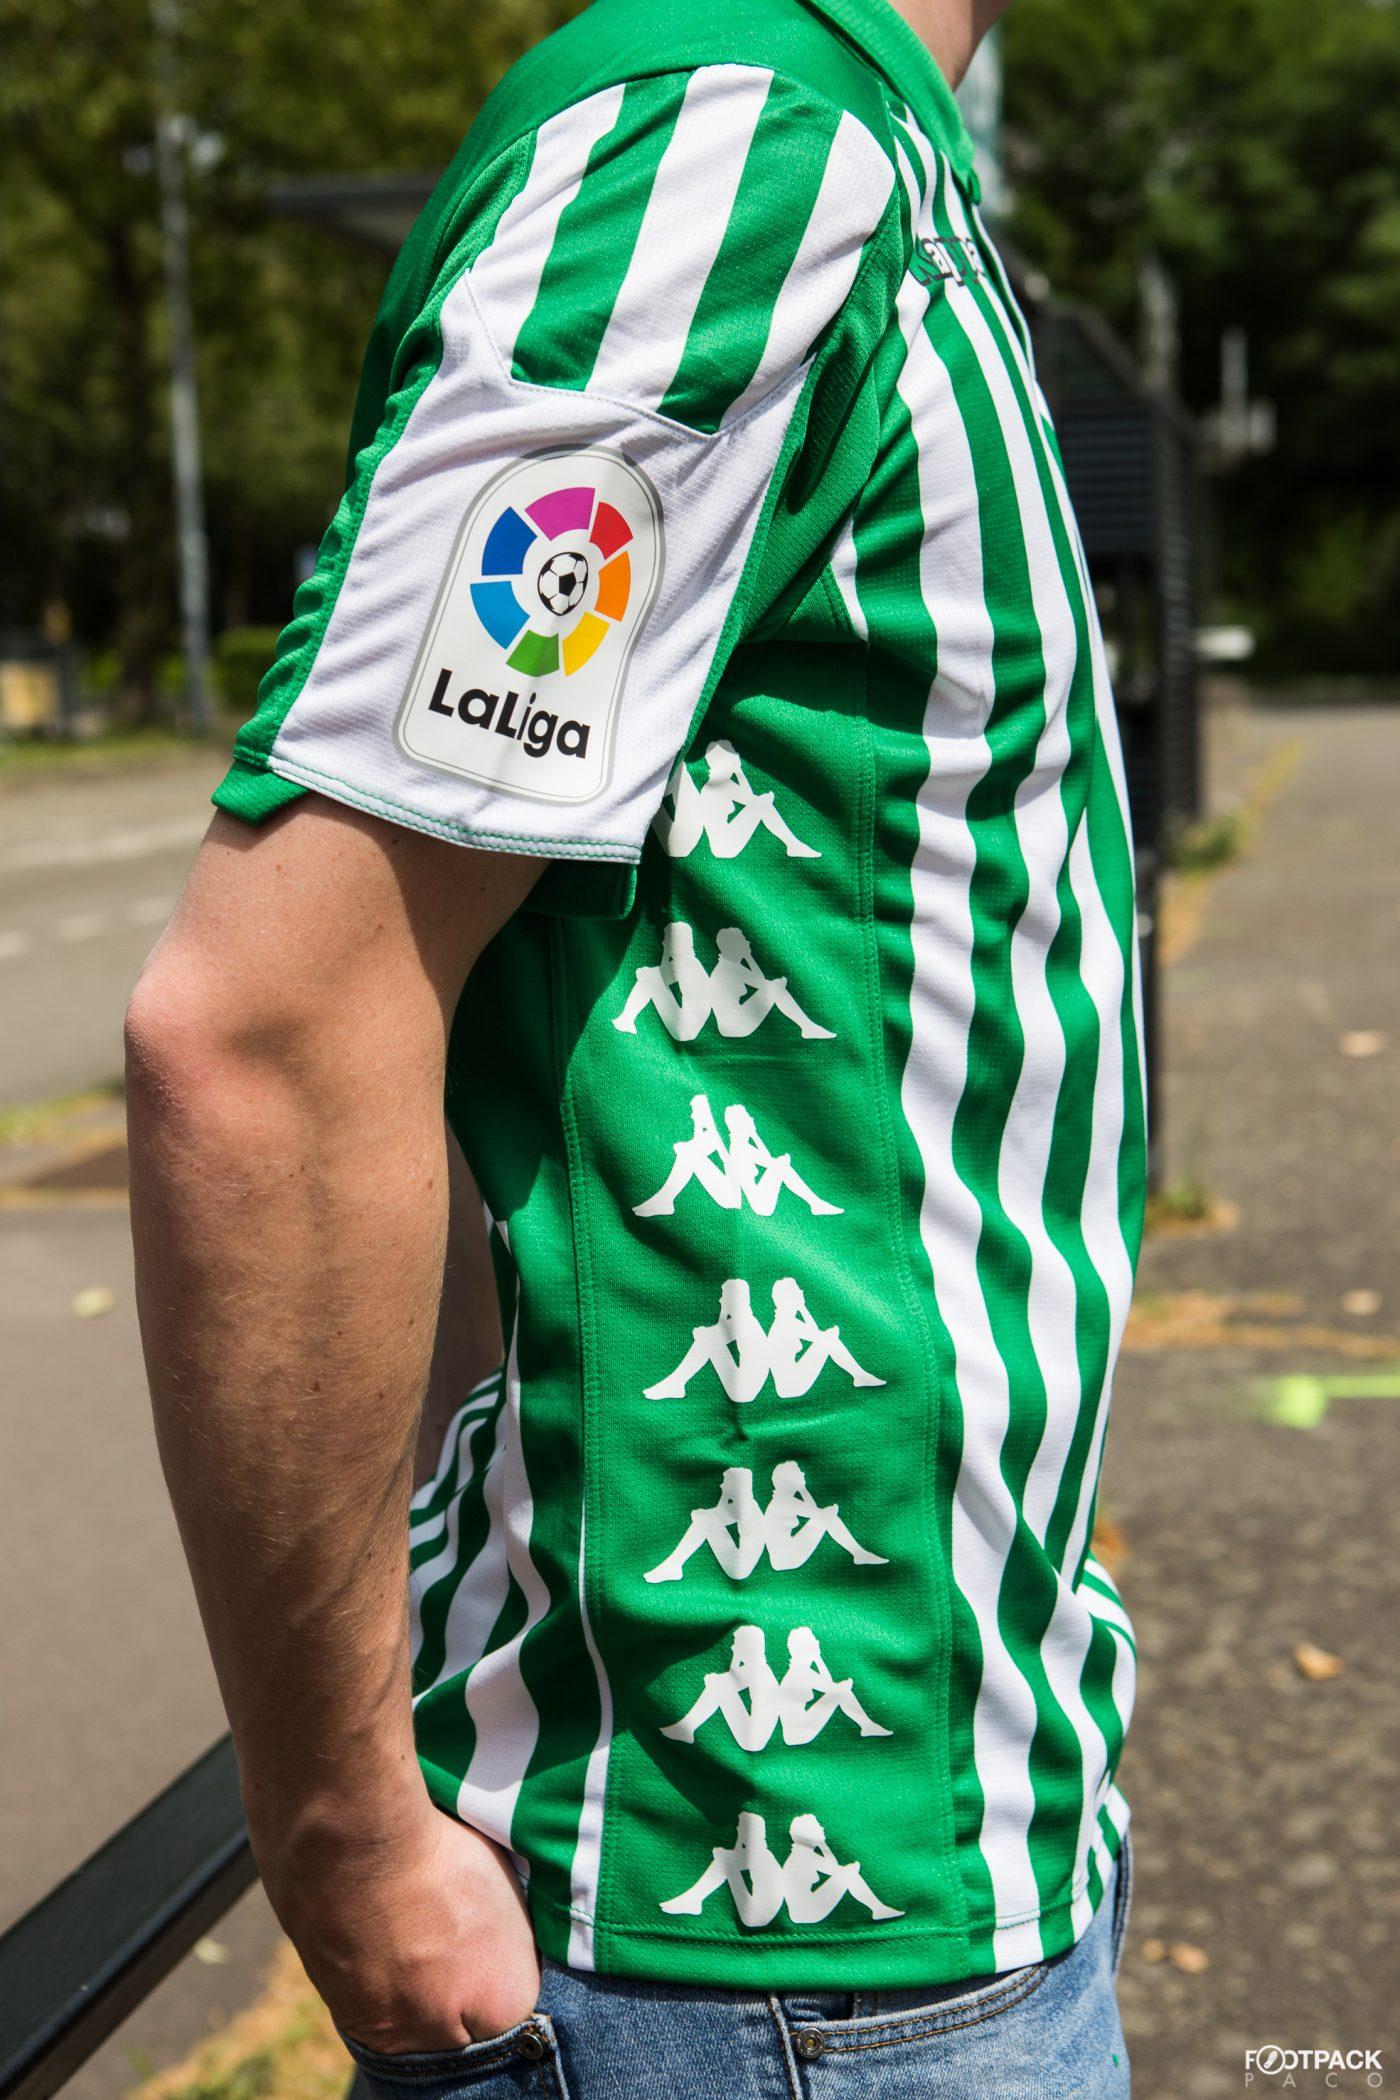 maillot-football-kappa-betis-seville-saison-2019-2020-footpack-mai-2019-2